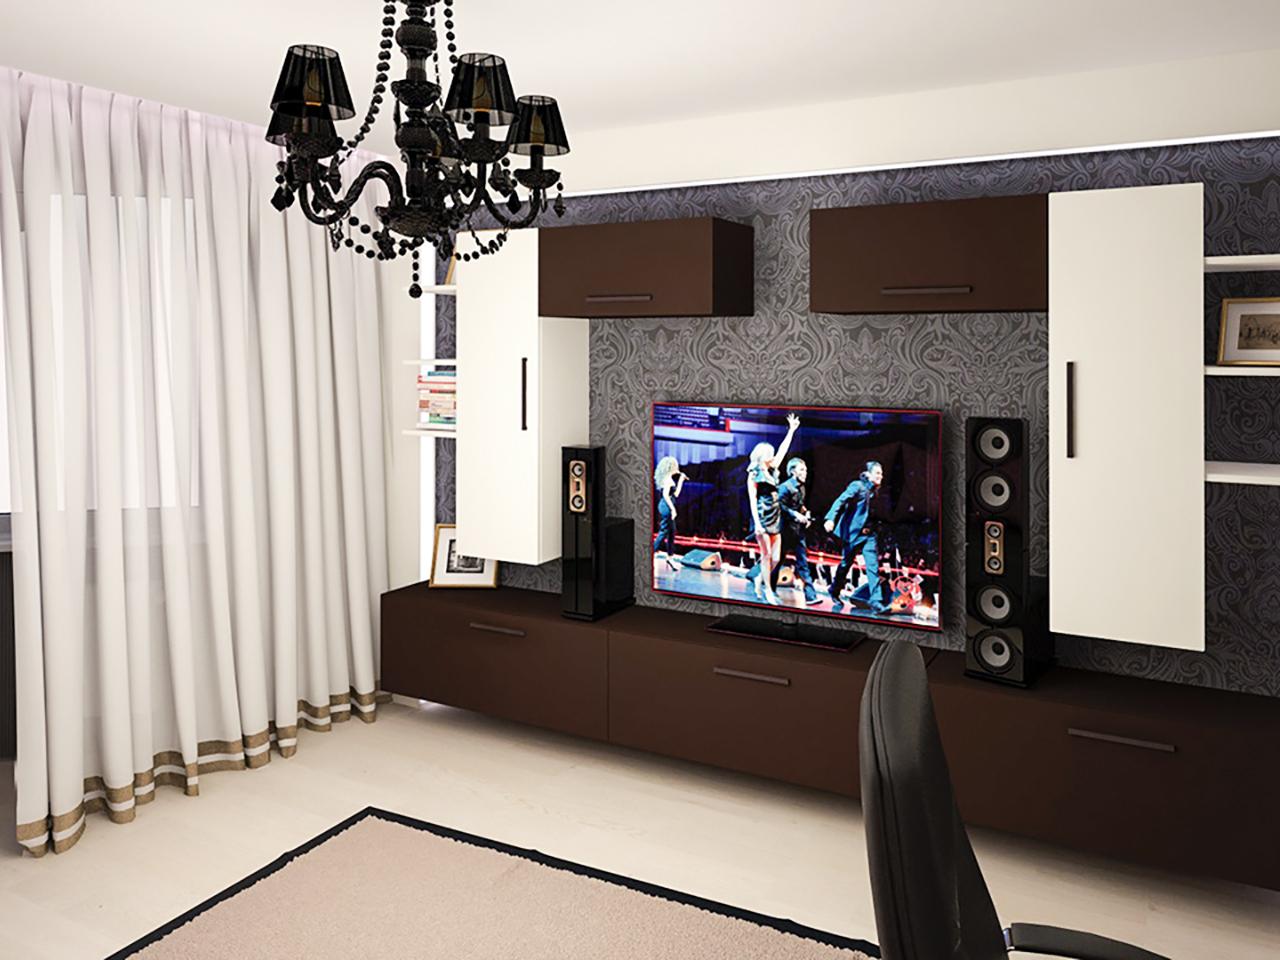 Дизайн интерьера однокомнатной квартиры на ул. Притыцкого, 78